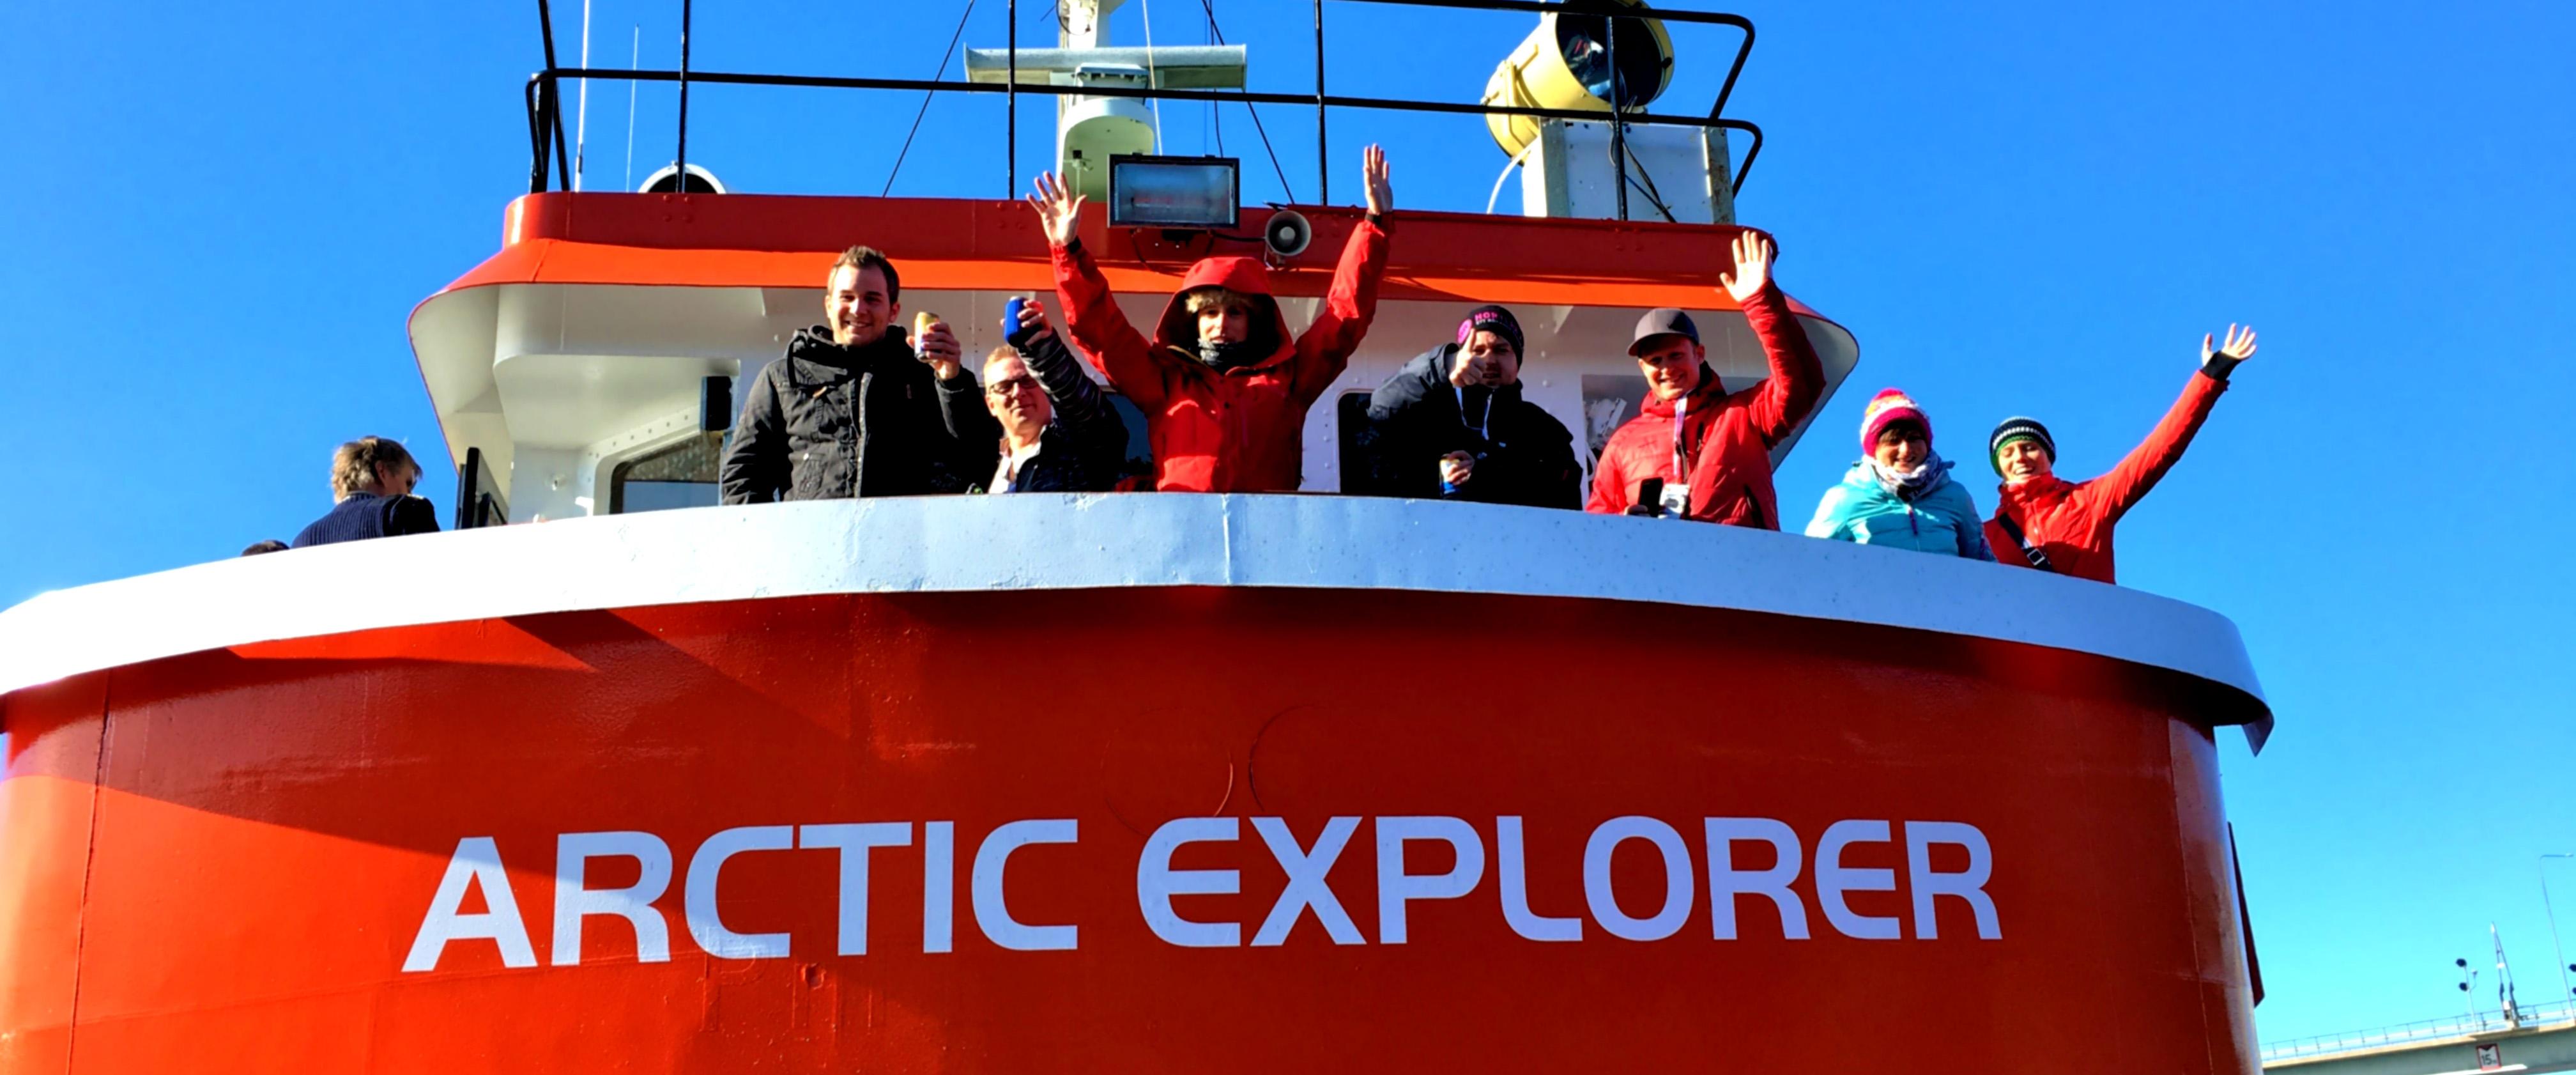 Besökare på isbrytaren